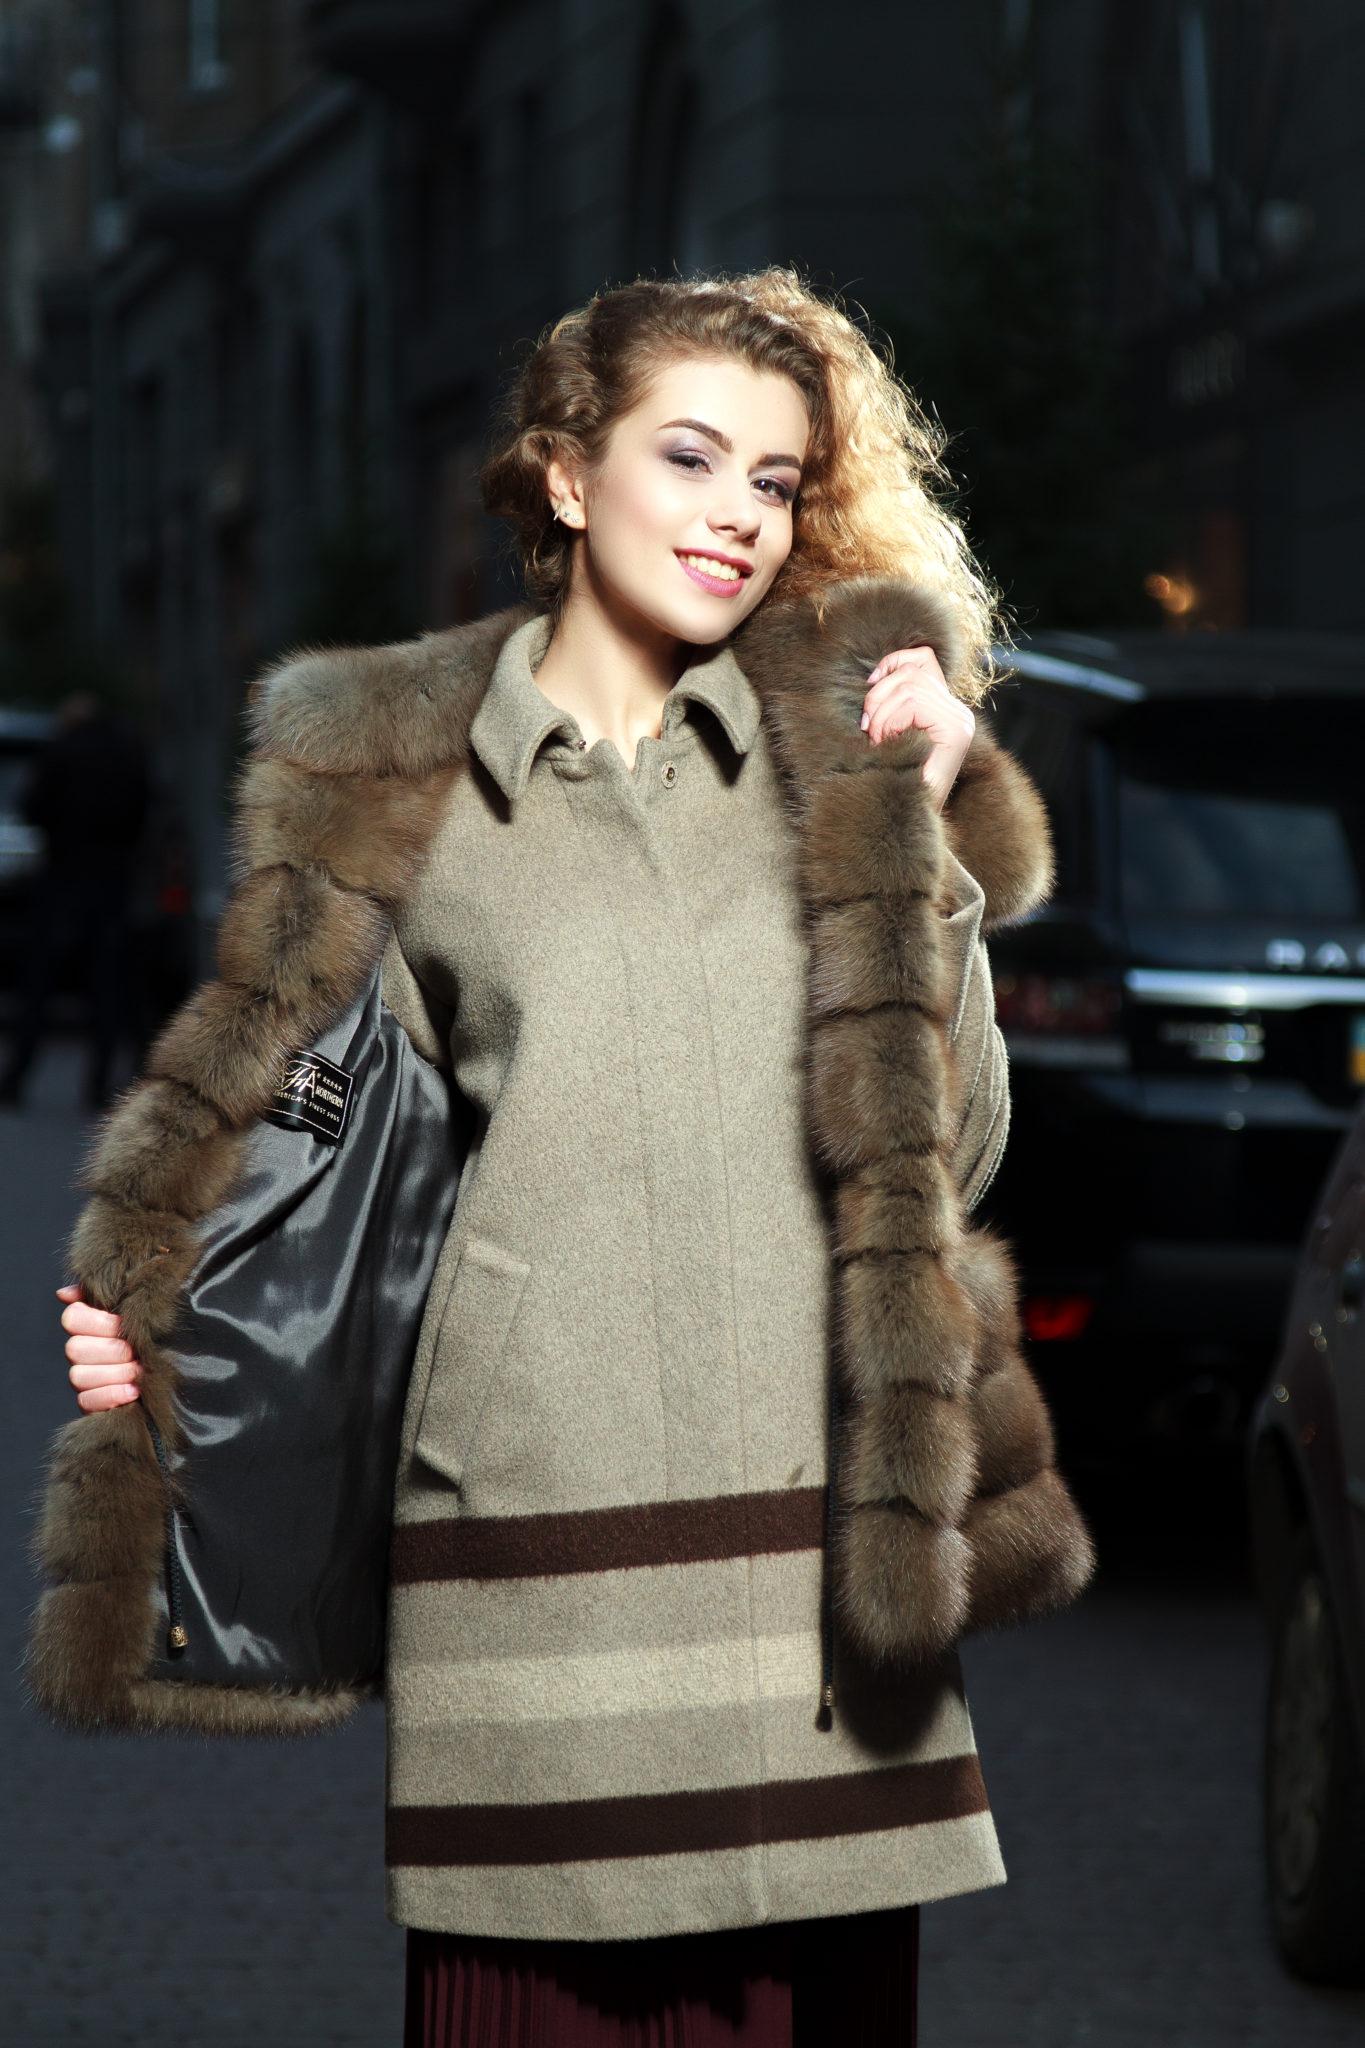 Lookbook портфолио фотостудии Frontpage 12, Постникова Алиса фотограф, Полищук Юлия модель